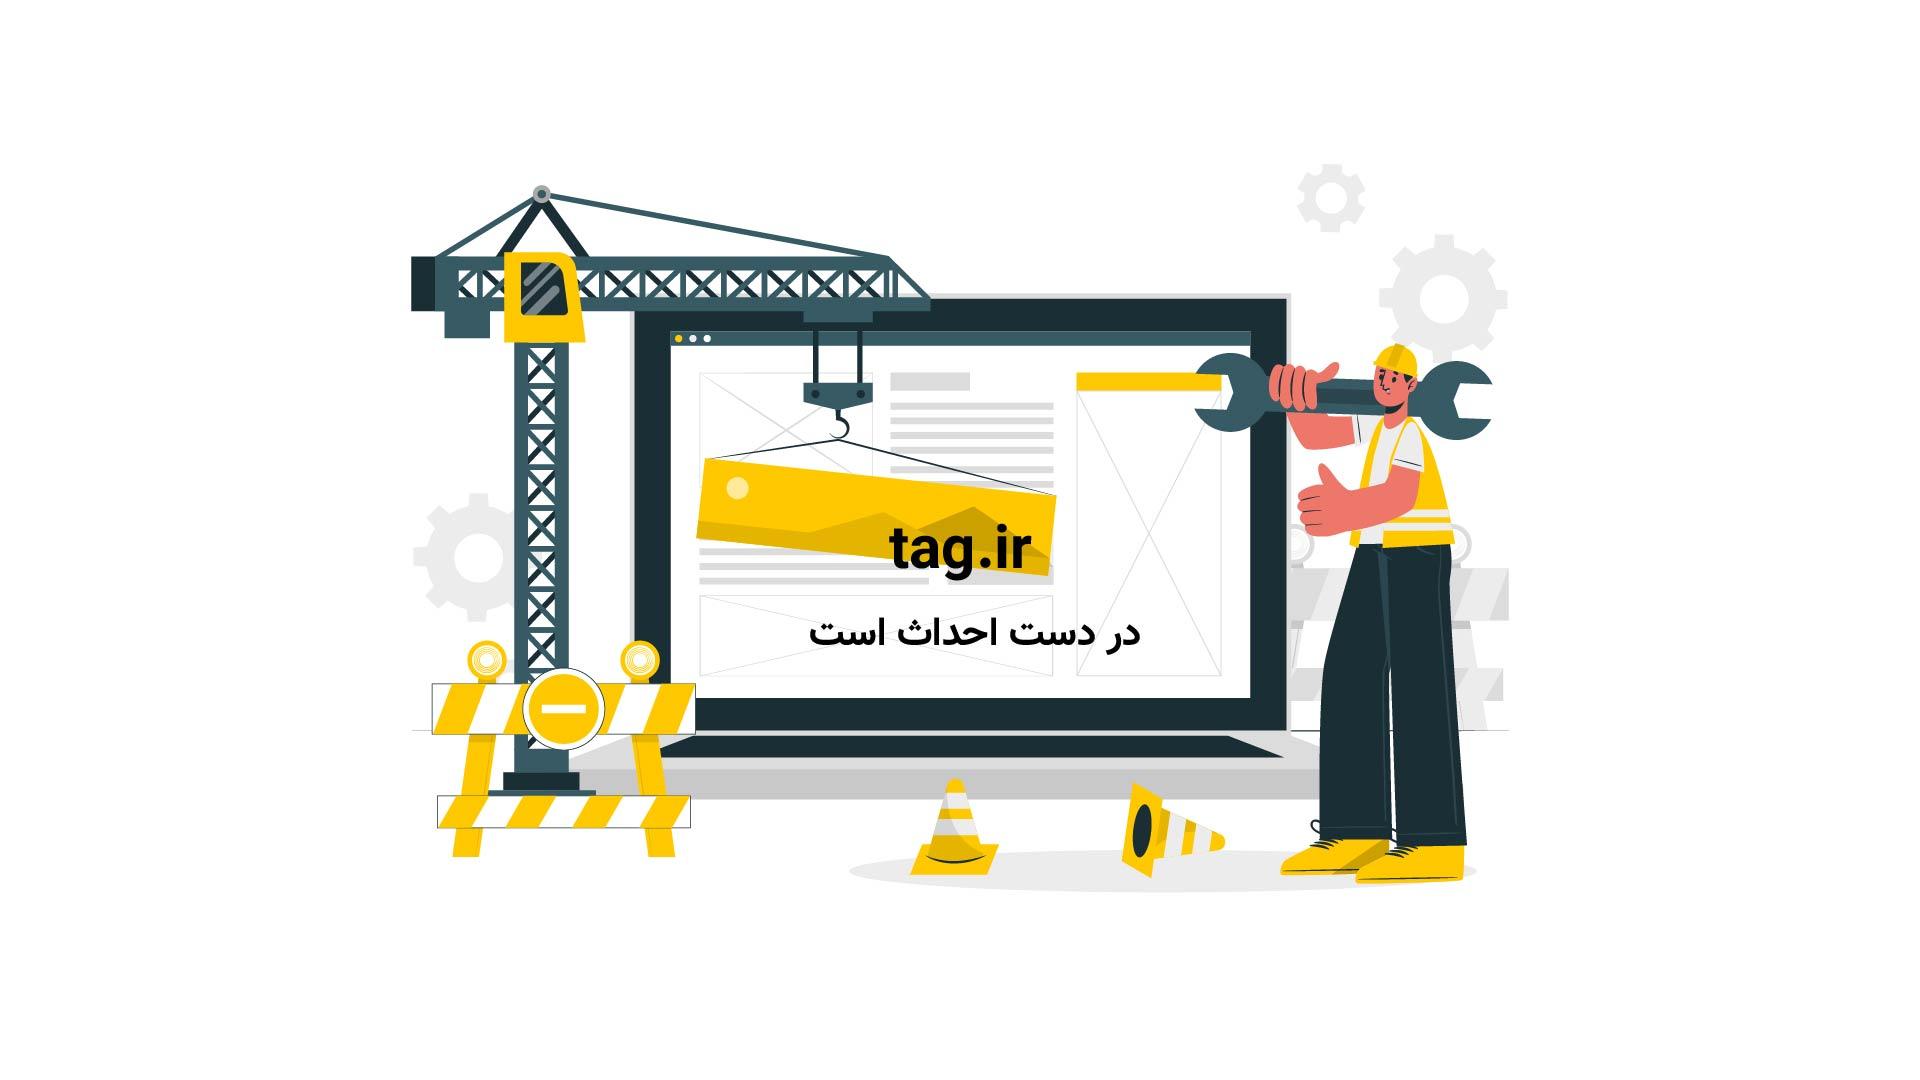 کليساي وانک اصفهان؛ تلفیقی از معماری ایرانی و ارمنی | فیلم